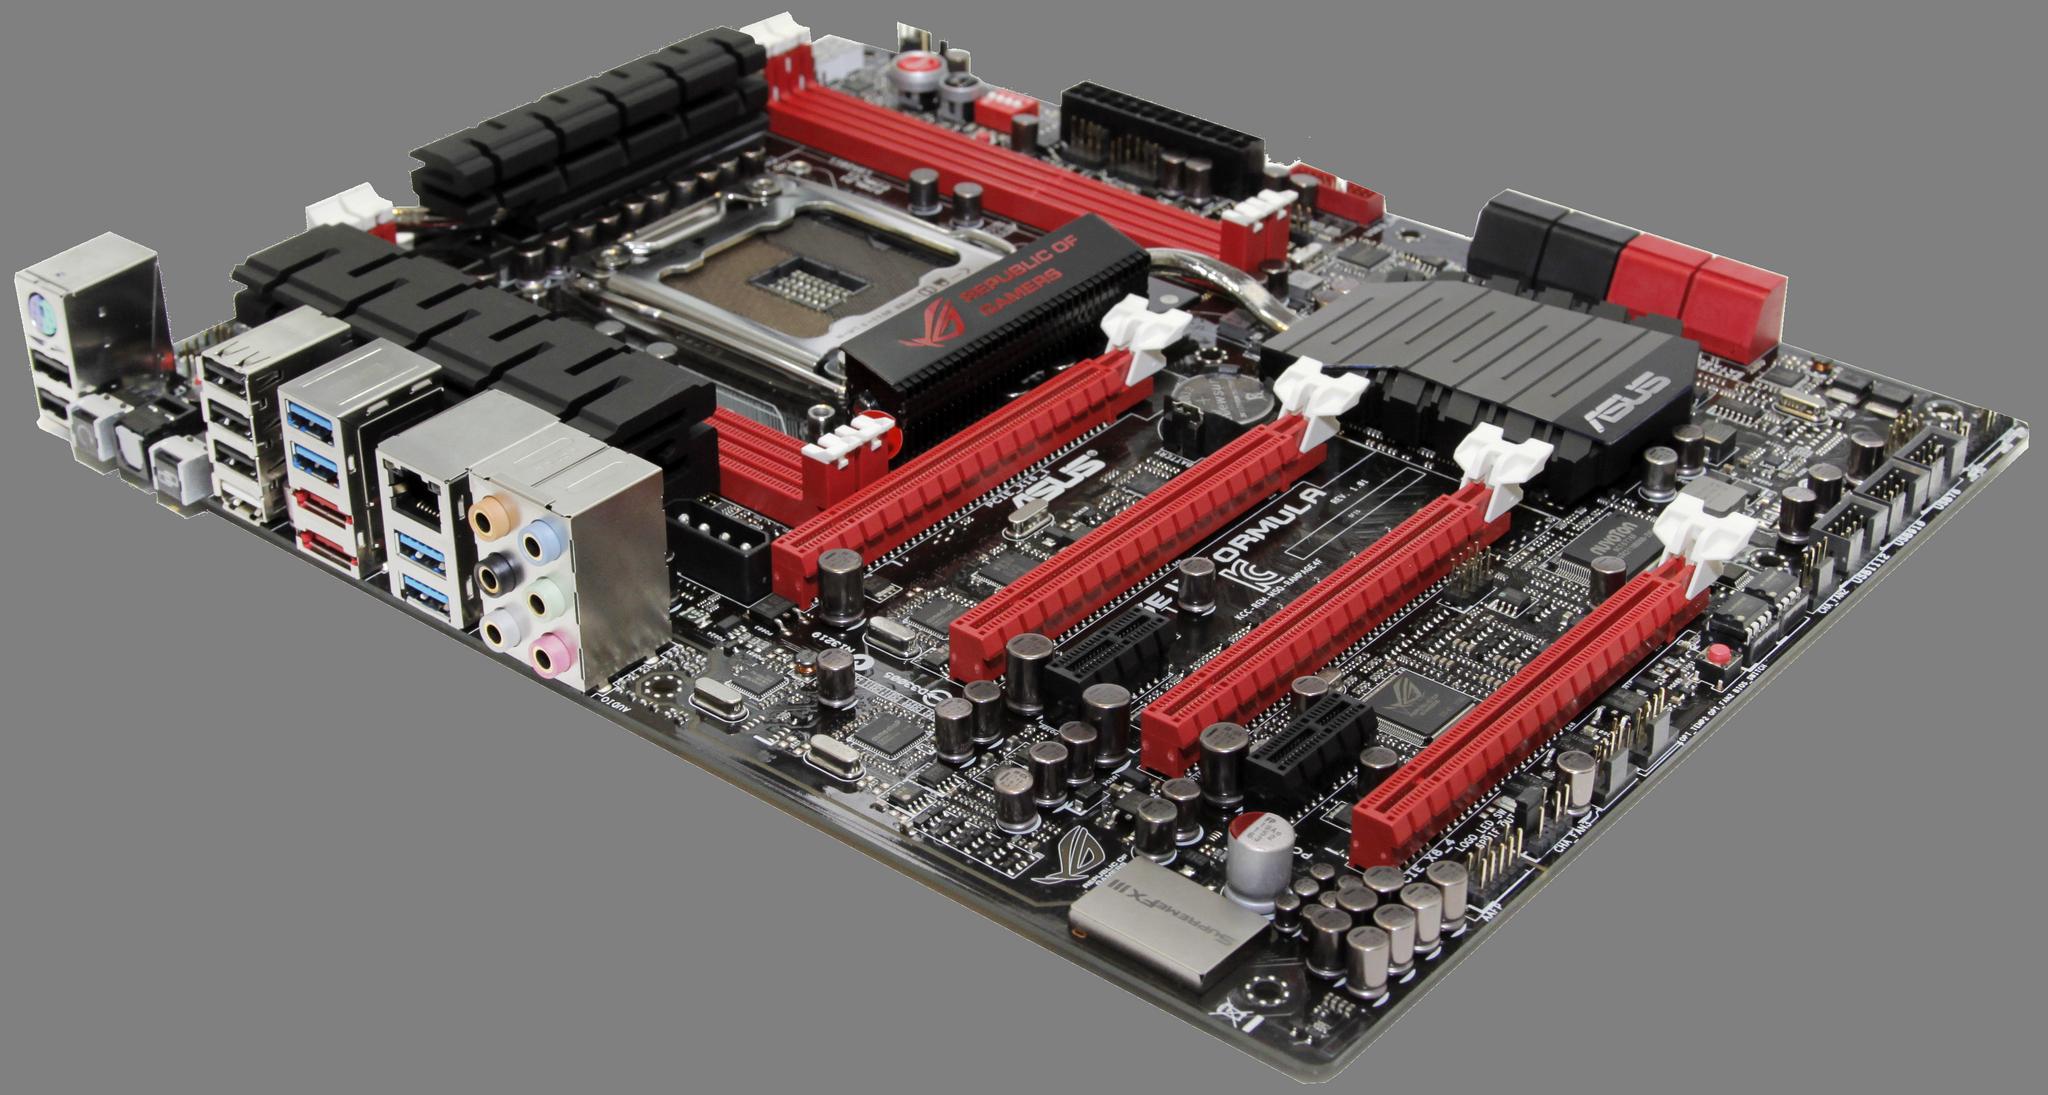 Asus Rampage IV Gene ASMedia USB 3.0 64Bit